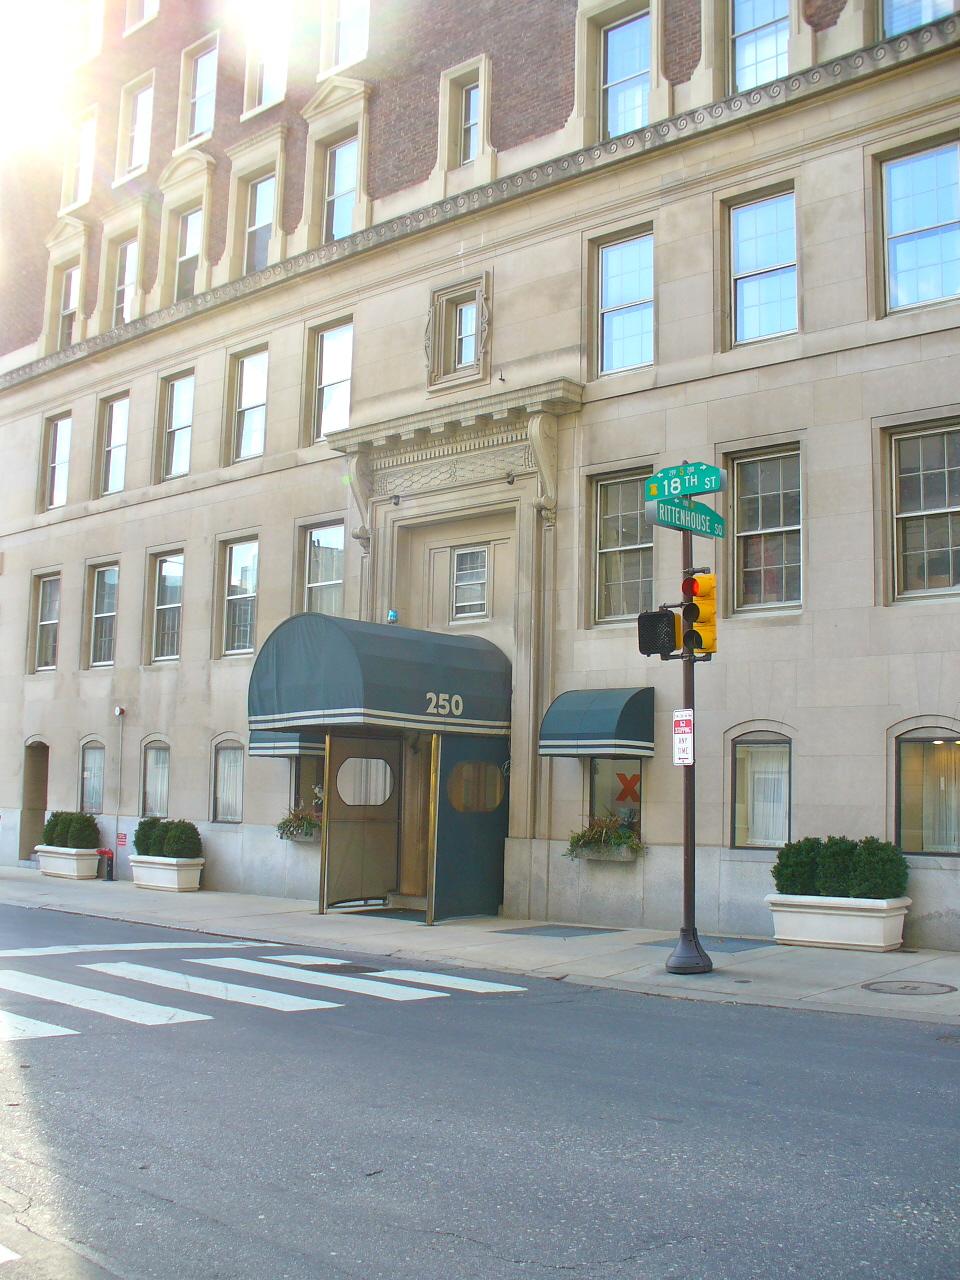 250 S. 17th Street Rittenhouse Square boutique, luxury condo building